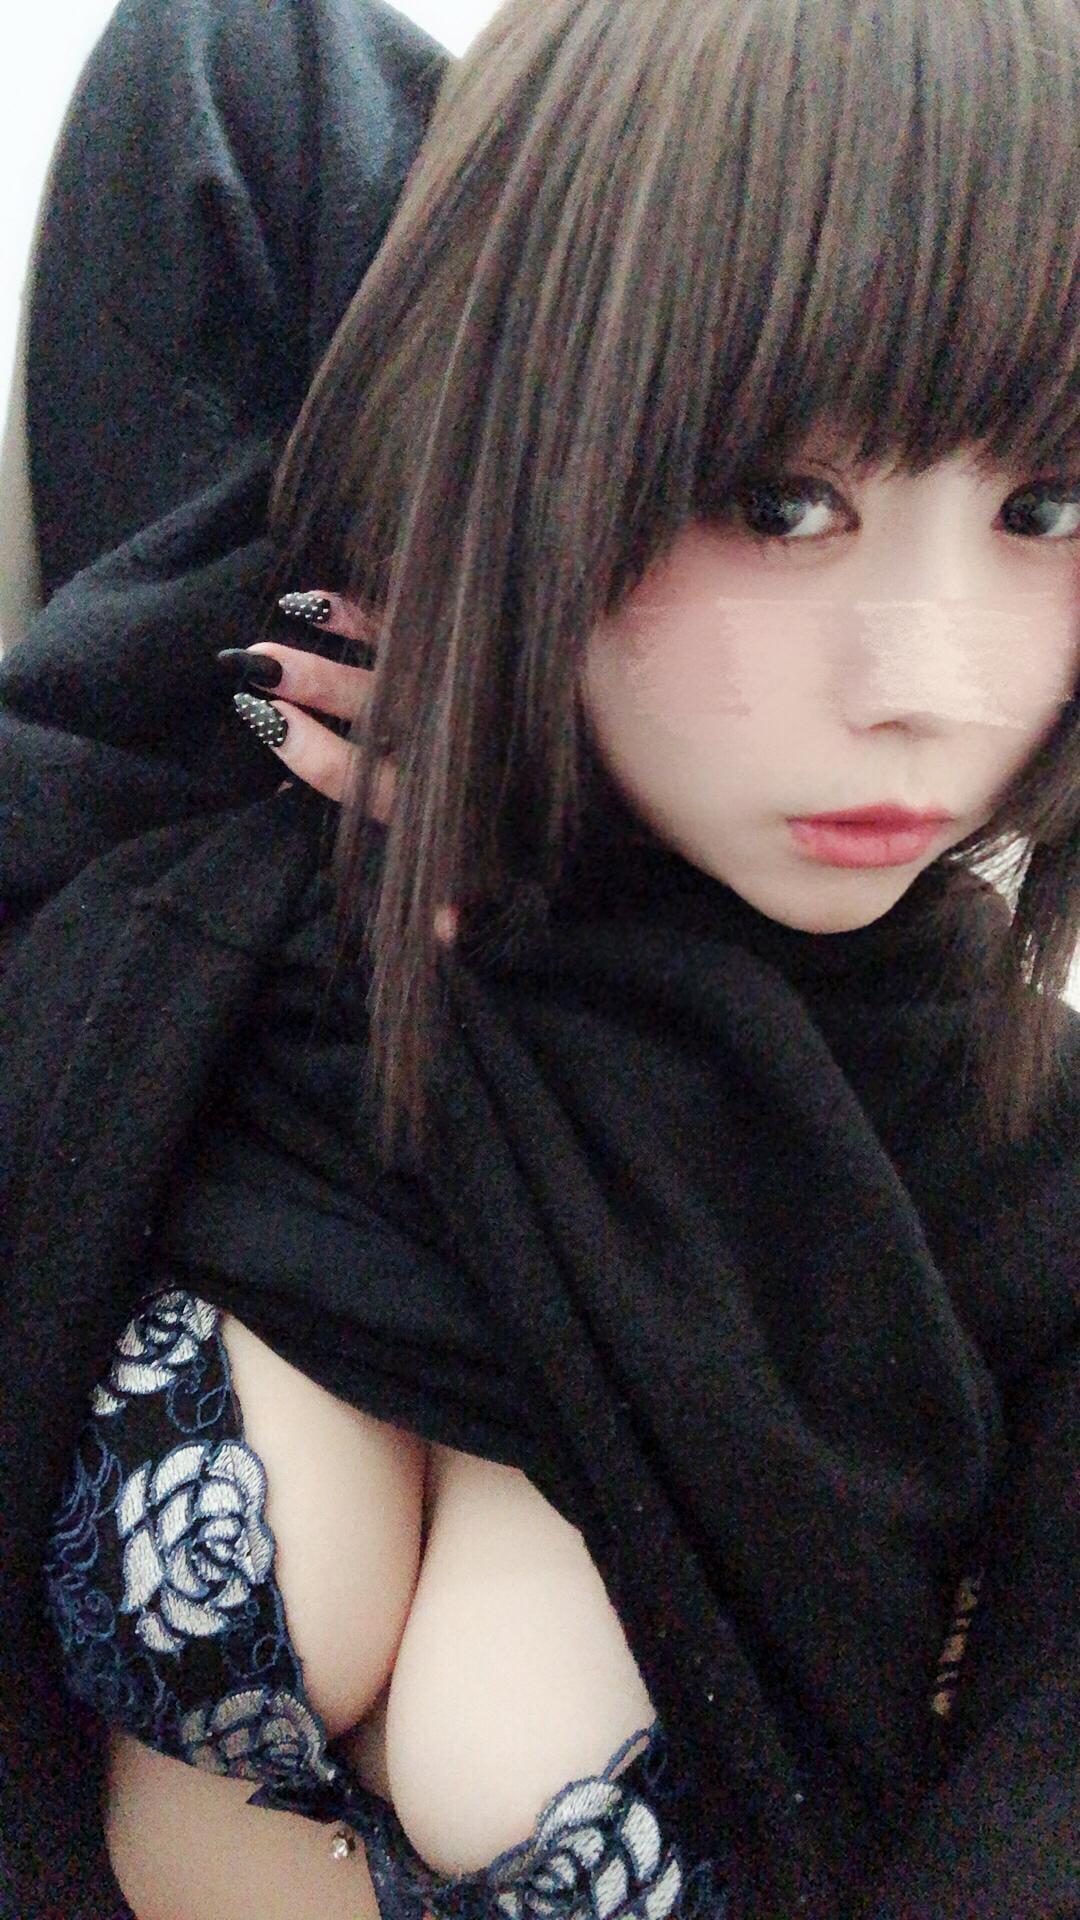 「こんばんは。」01/04(01/04) 20:11   No.0 早乙女 カルタの写メ・風俗動画